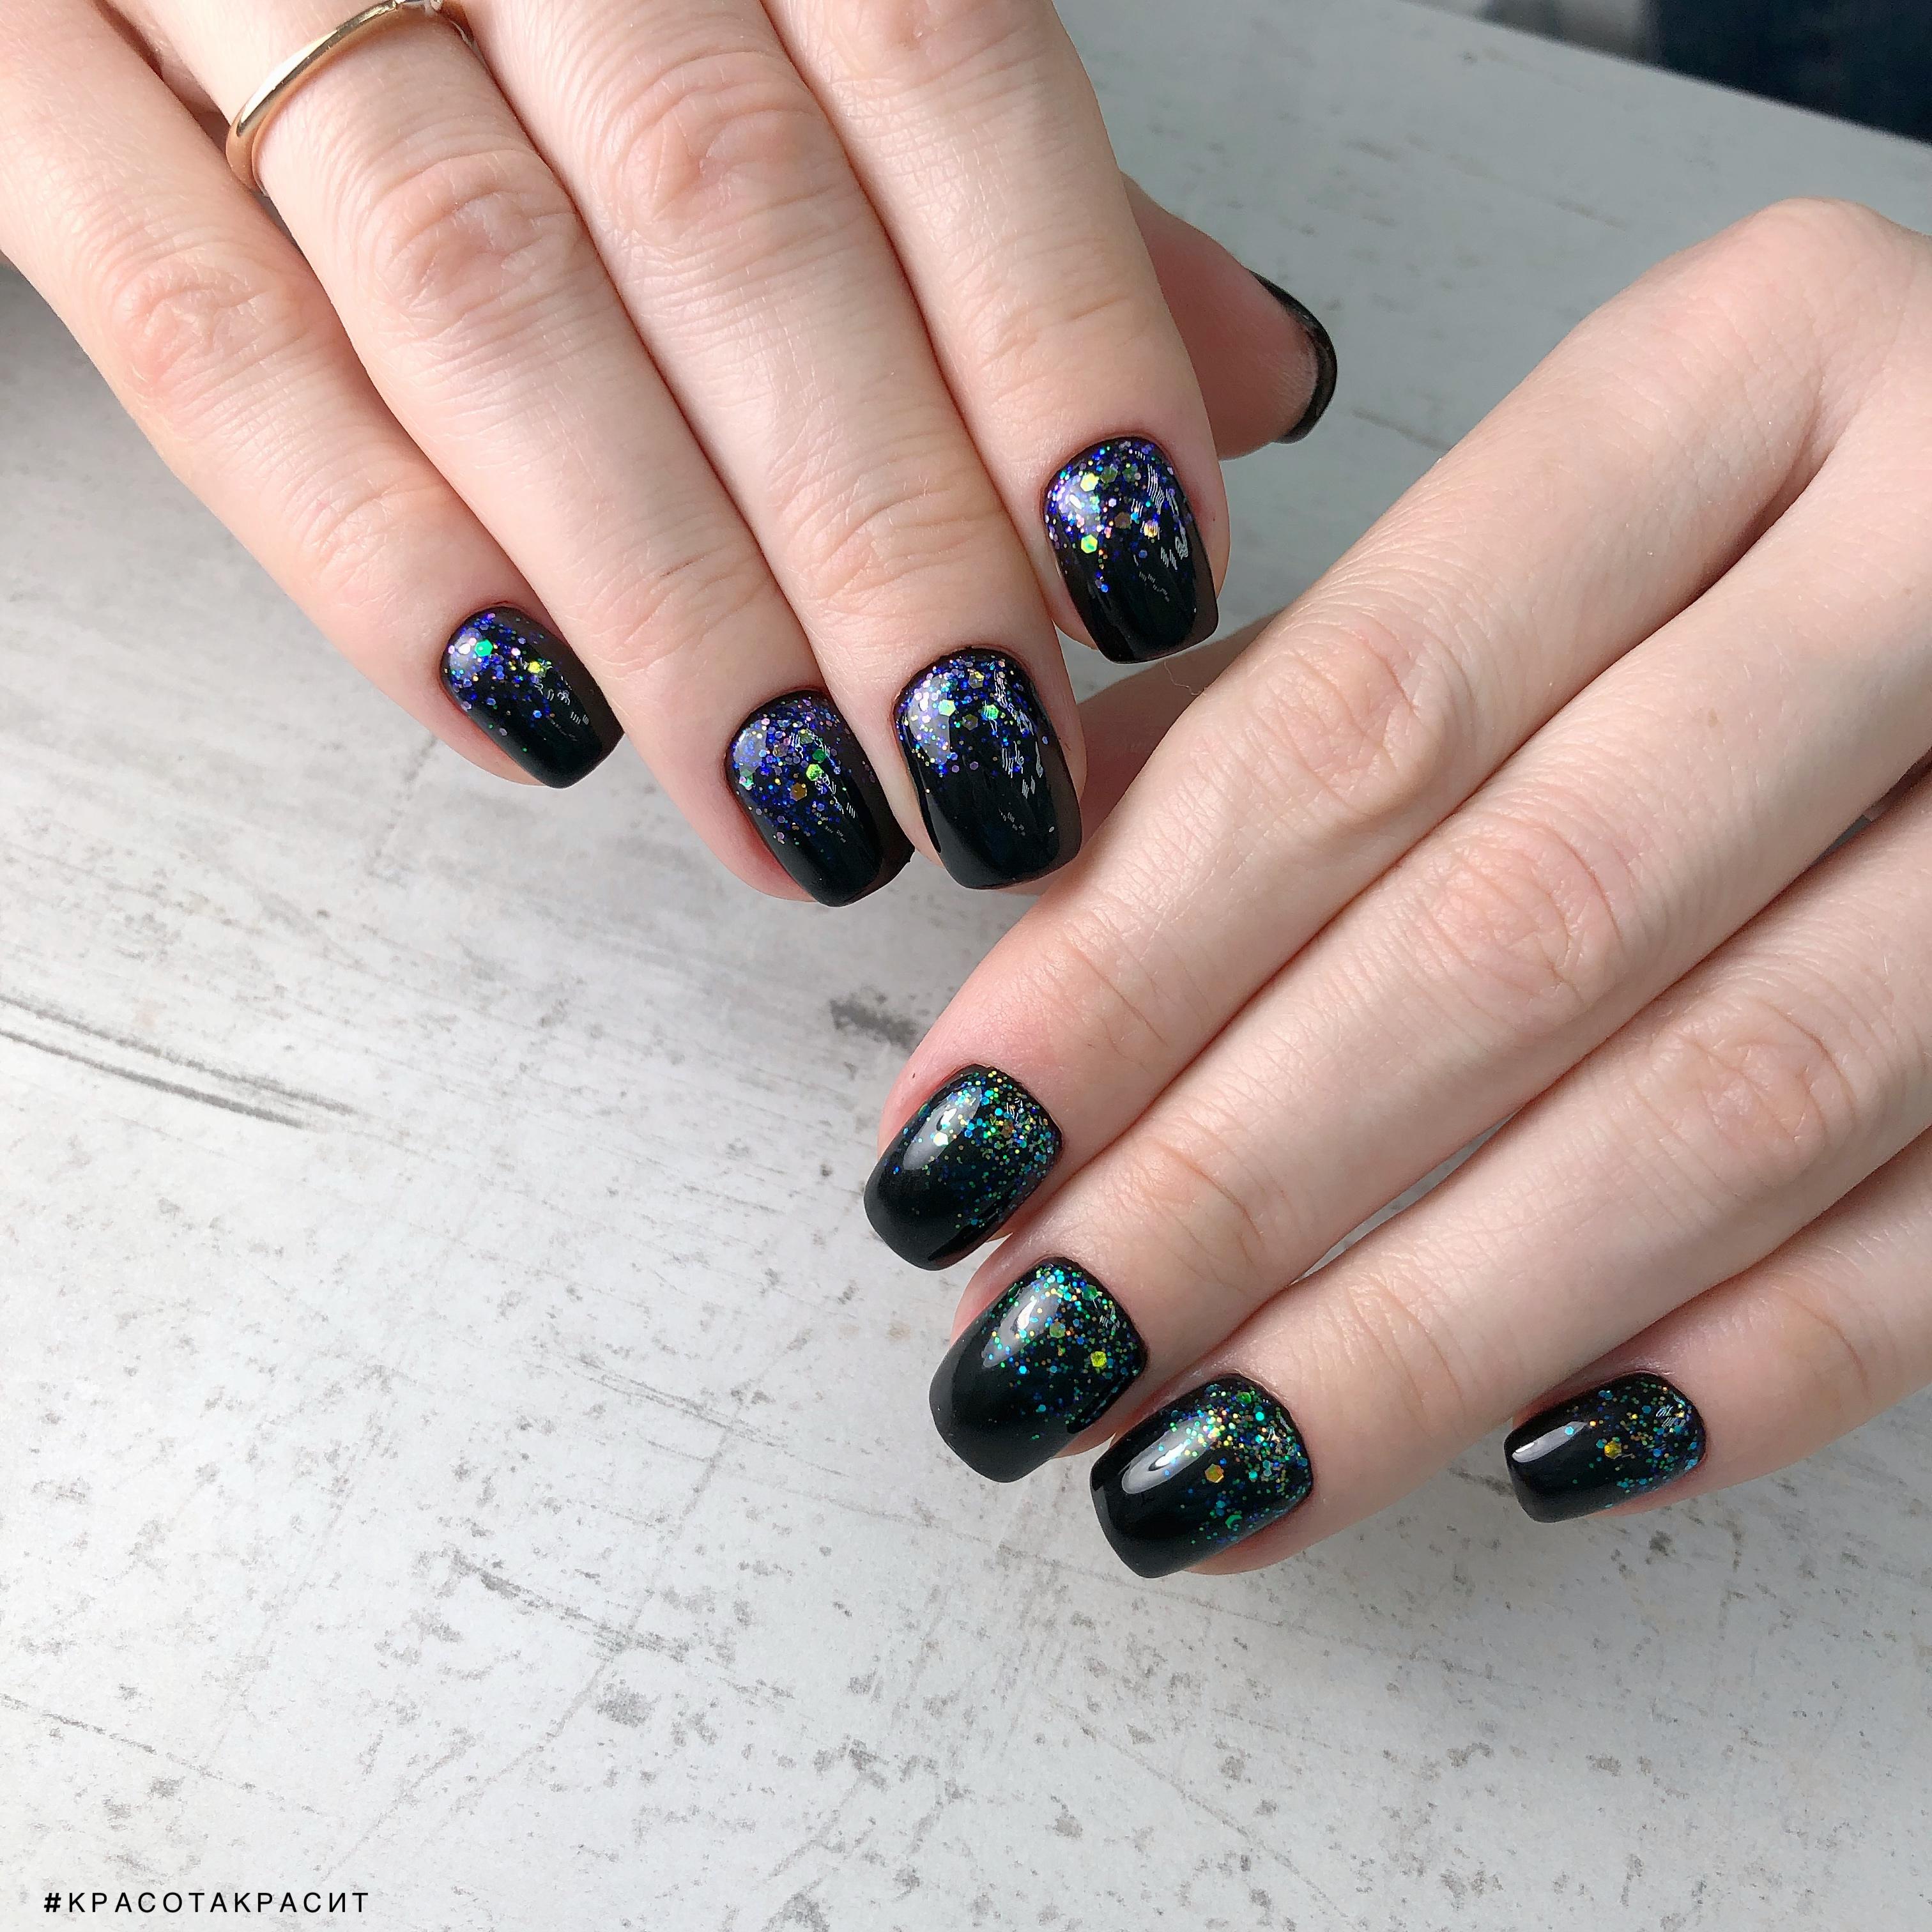 контрастный маникюр с цветными камифубуки в черном цвете на короткие ногти.